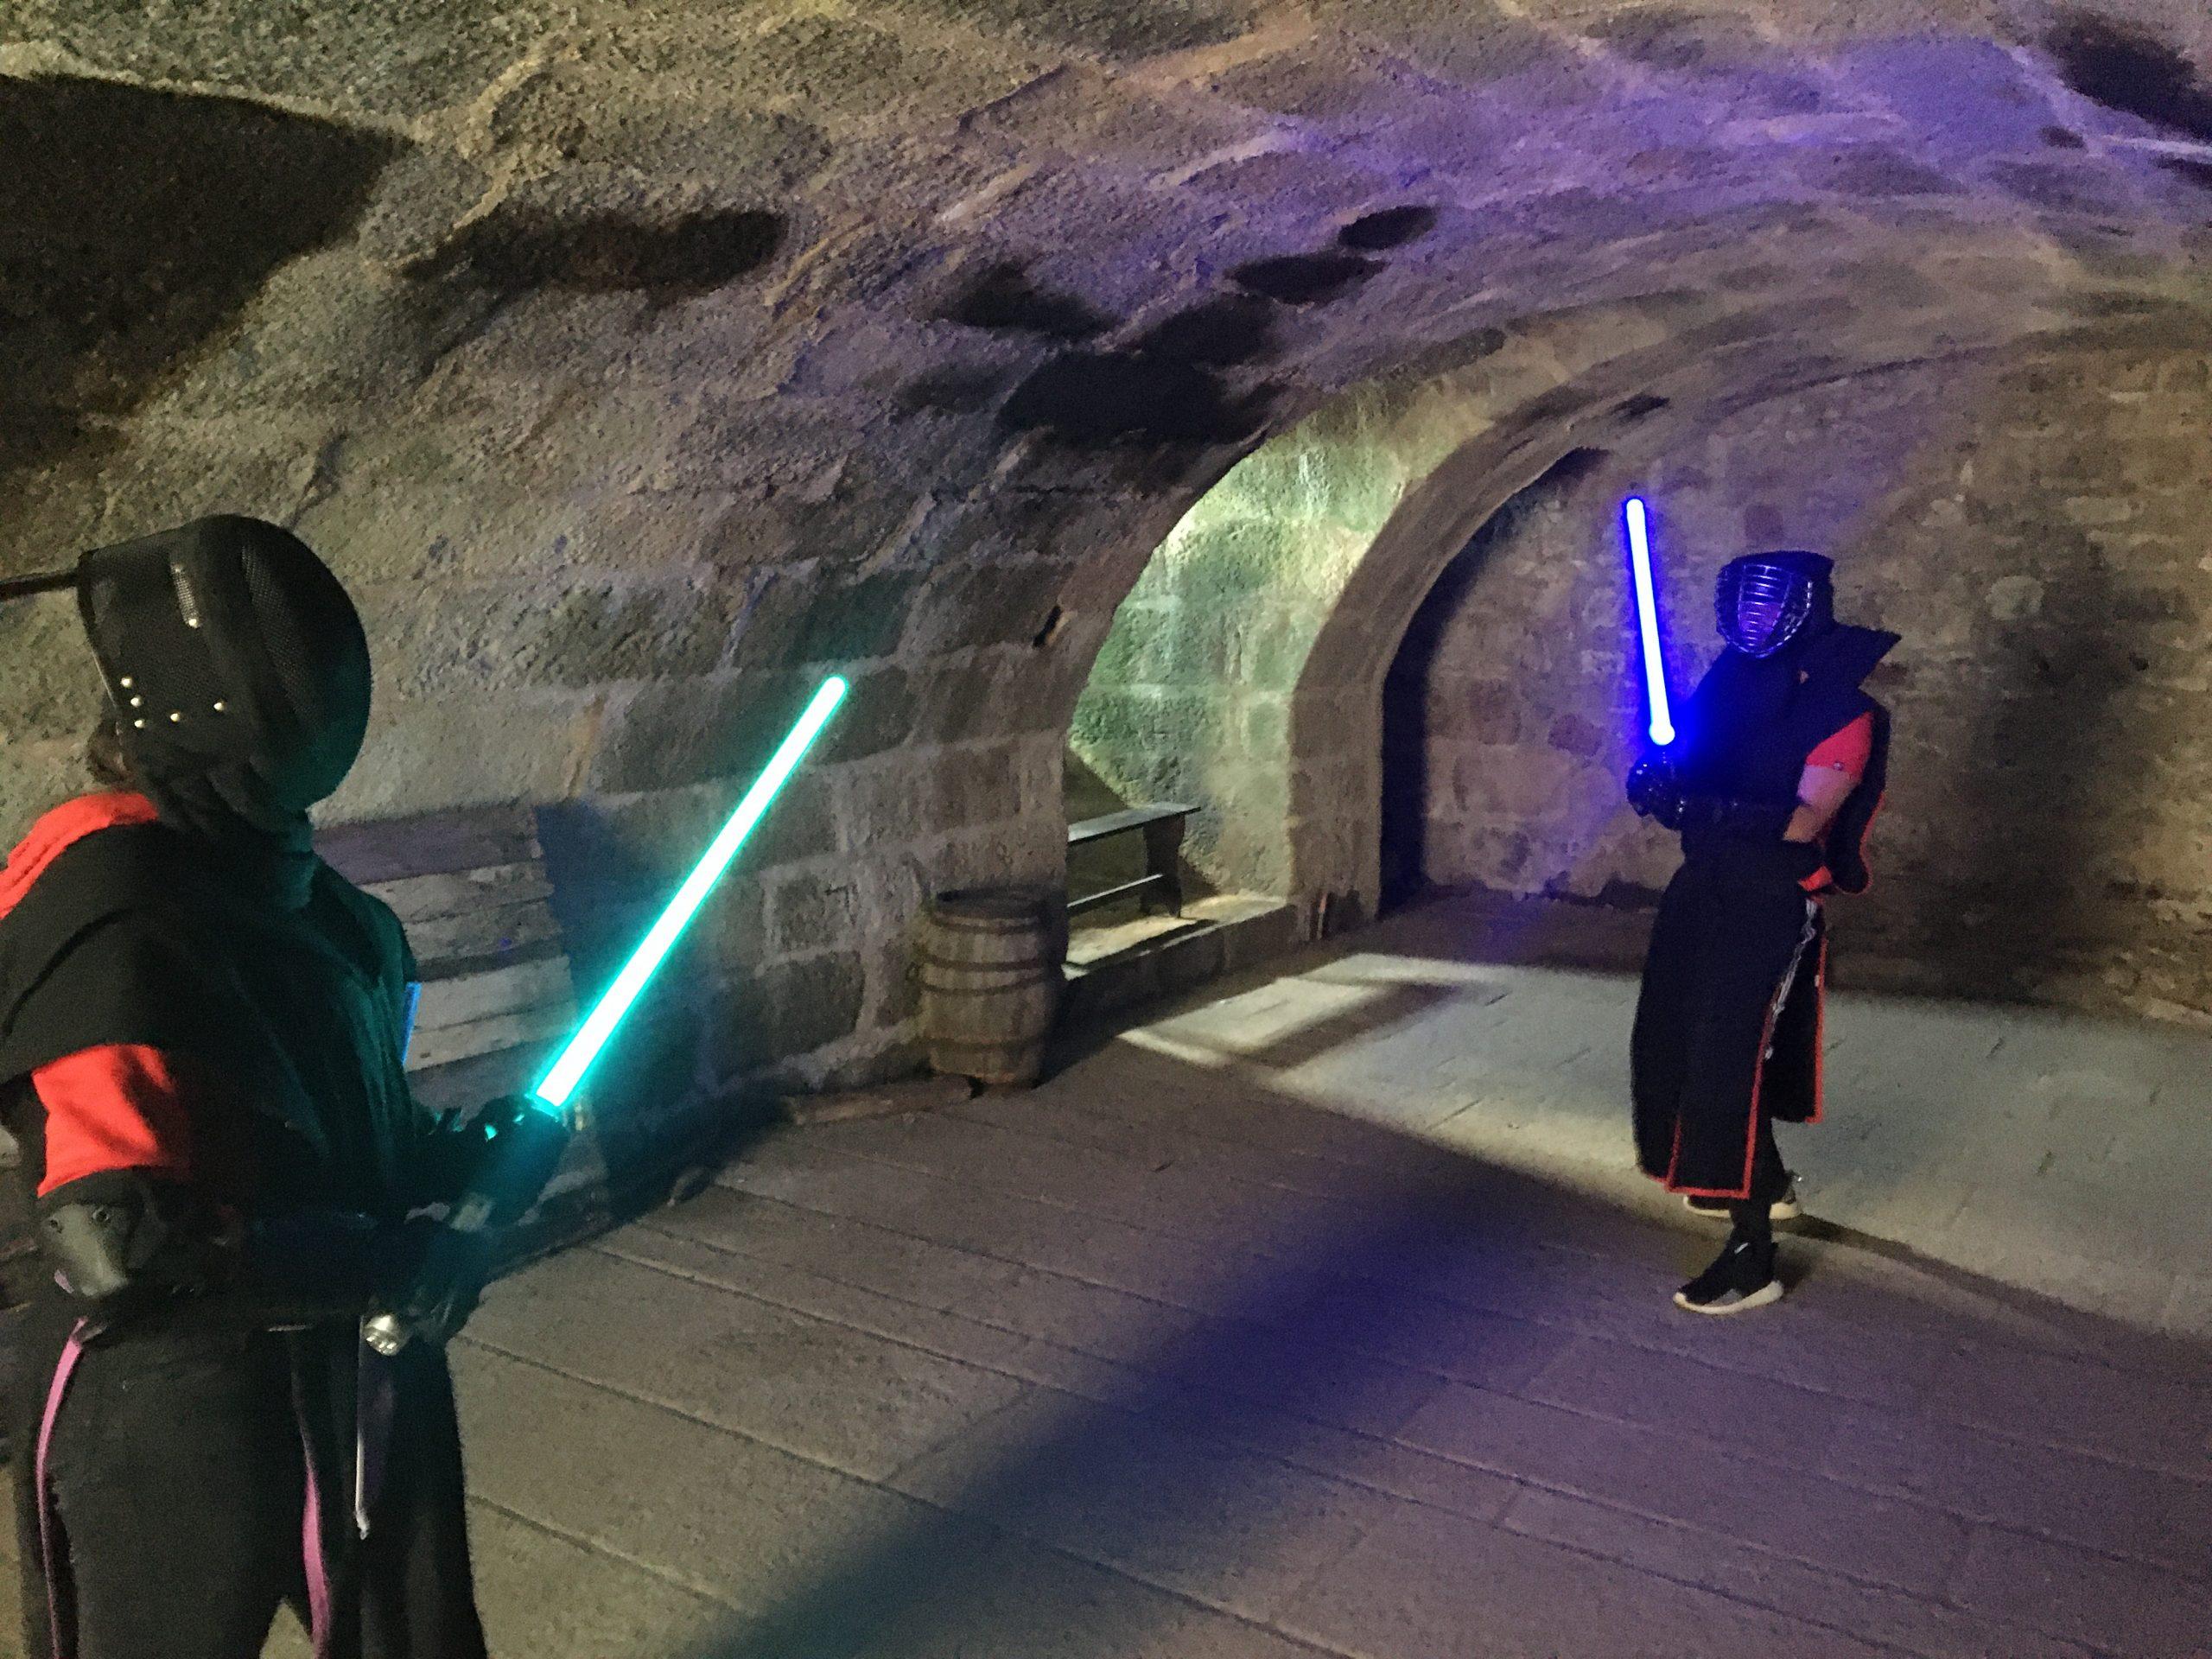 combat sabre laser combat au sabre activite evjf idée enterrement de vie evg